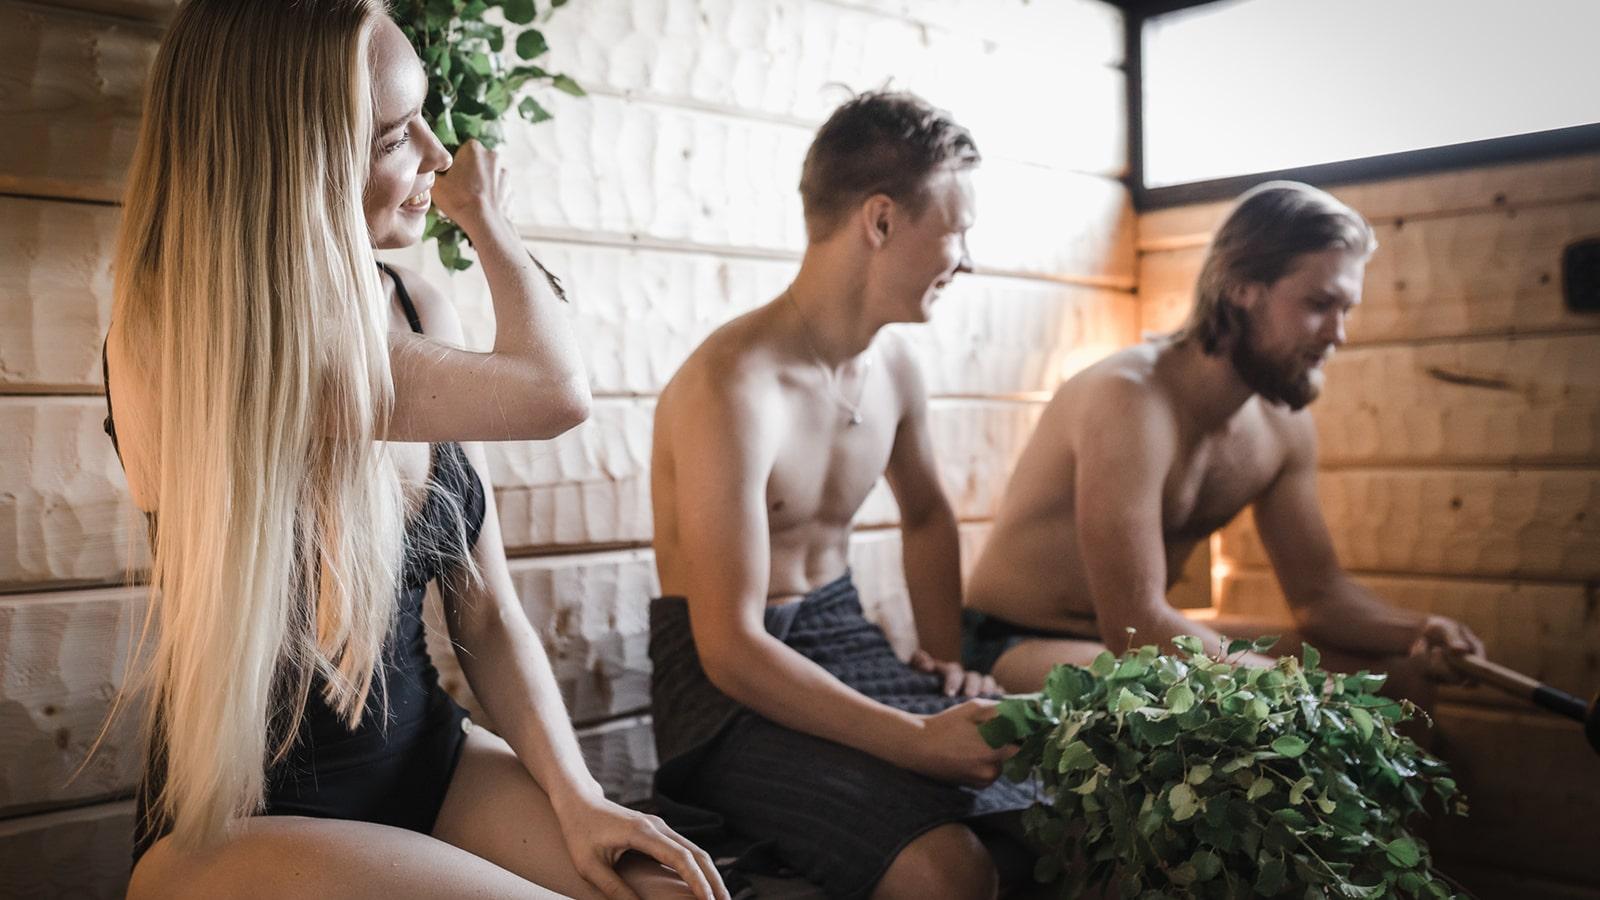 Drei Personen beim Saunabesuch in der Sauna von Kankaan in der Region Jyväskylä.